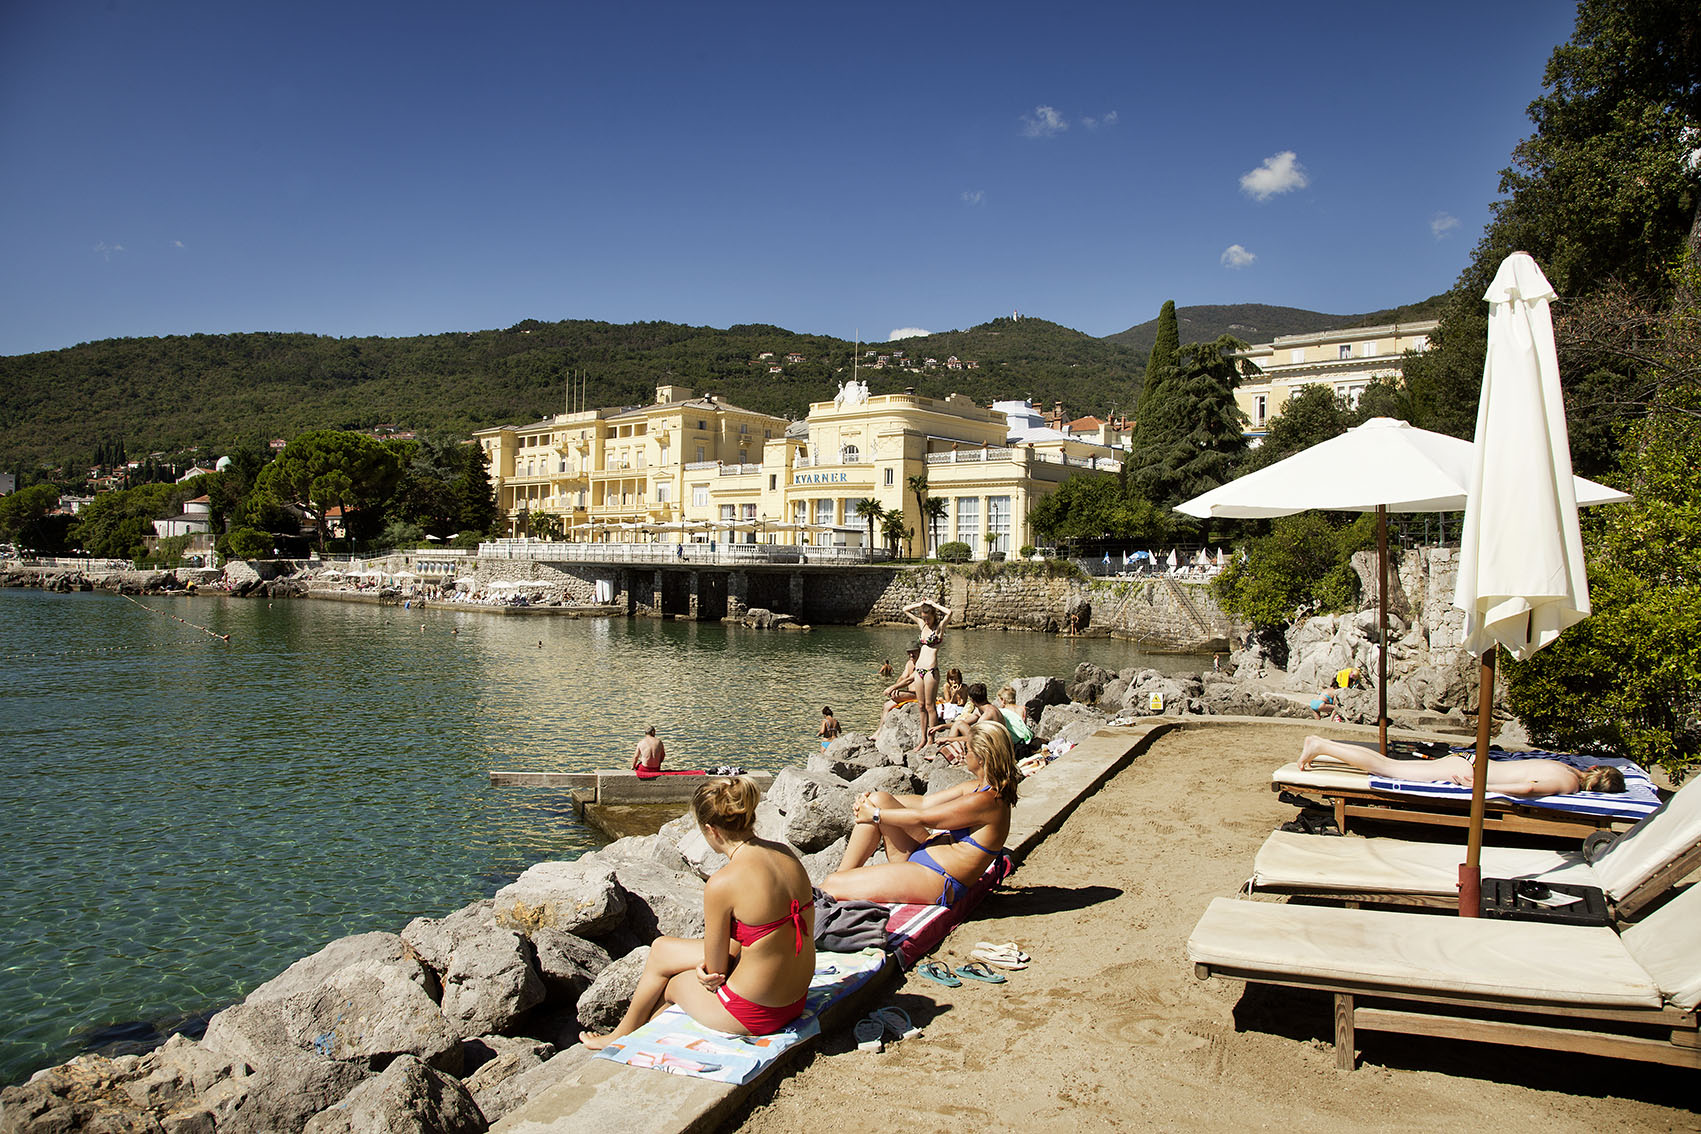 Kroatien; Tesla; Strandansicht in Opatija, Hotel Kvarner